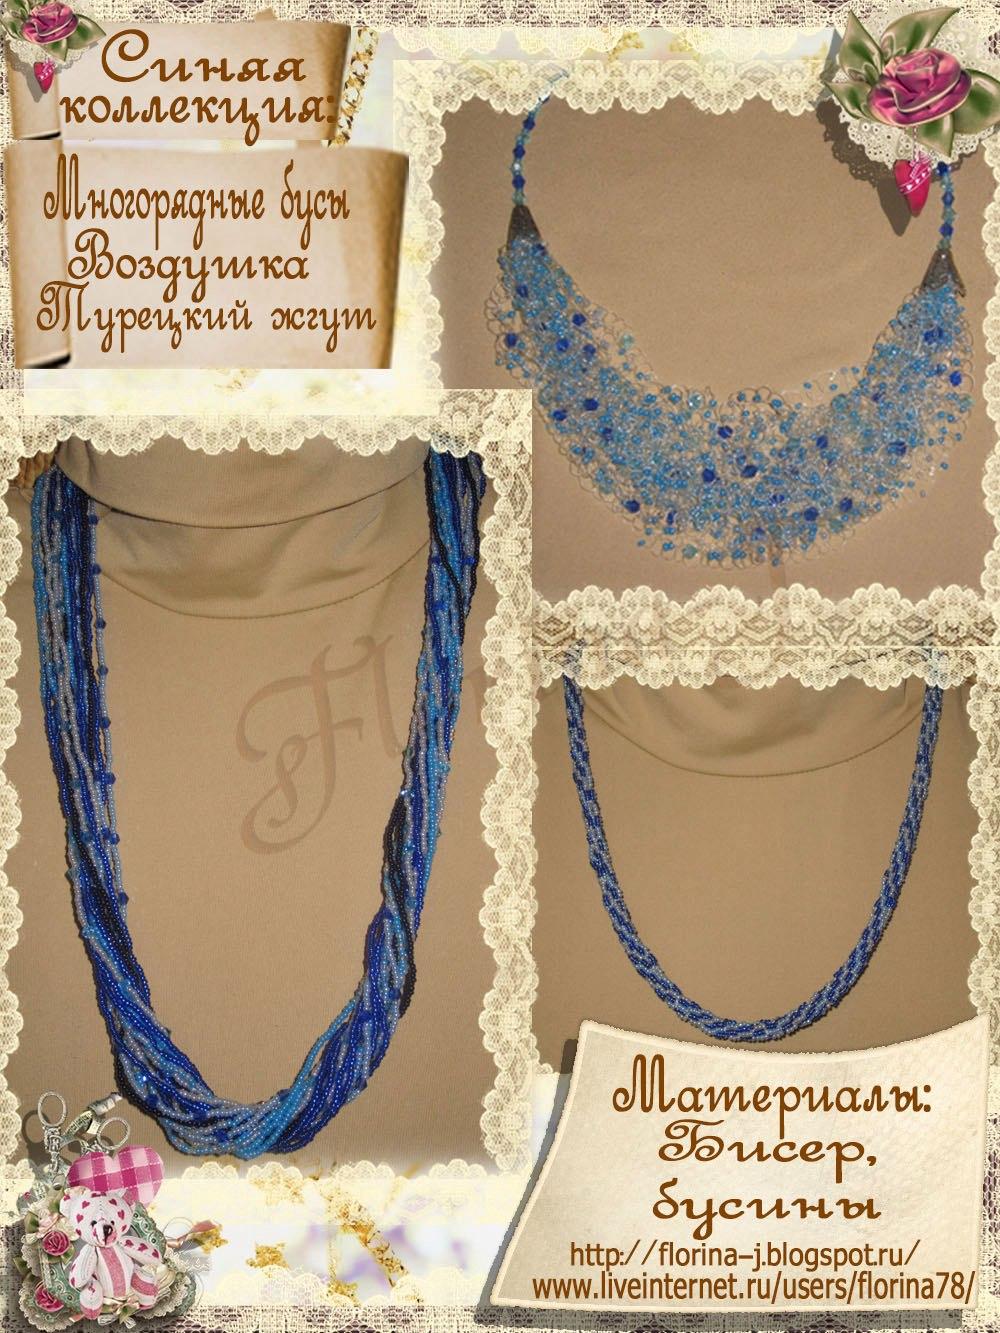 станок, станок для плетения, плетение бисером, кулон, кулон из бисера, украшение, ожерелье, колье, воздушка, бисер, турецкий жгут, плетение